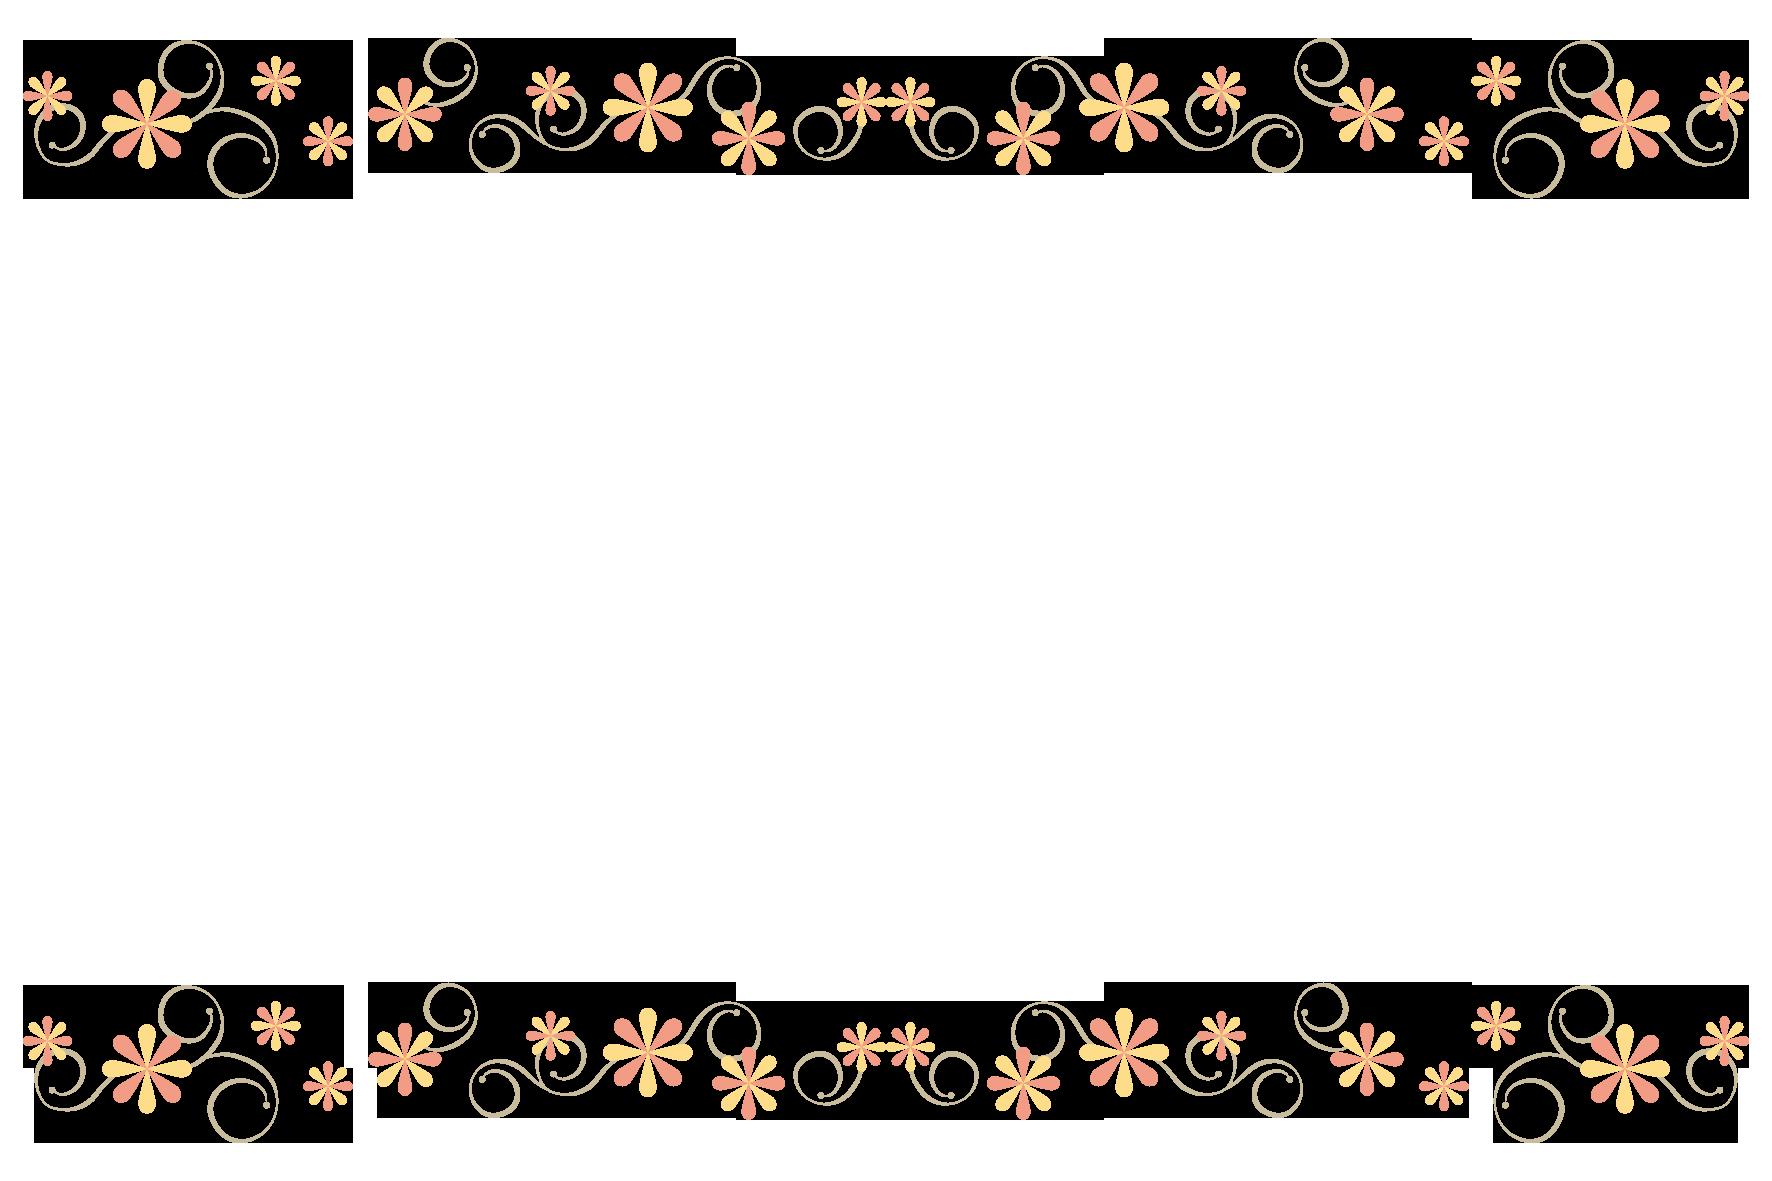 花の上下フレーム」 - 無料イラスト愛